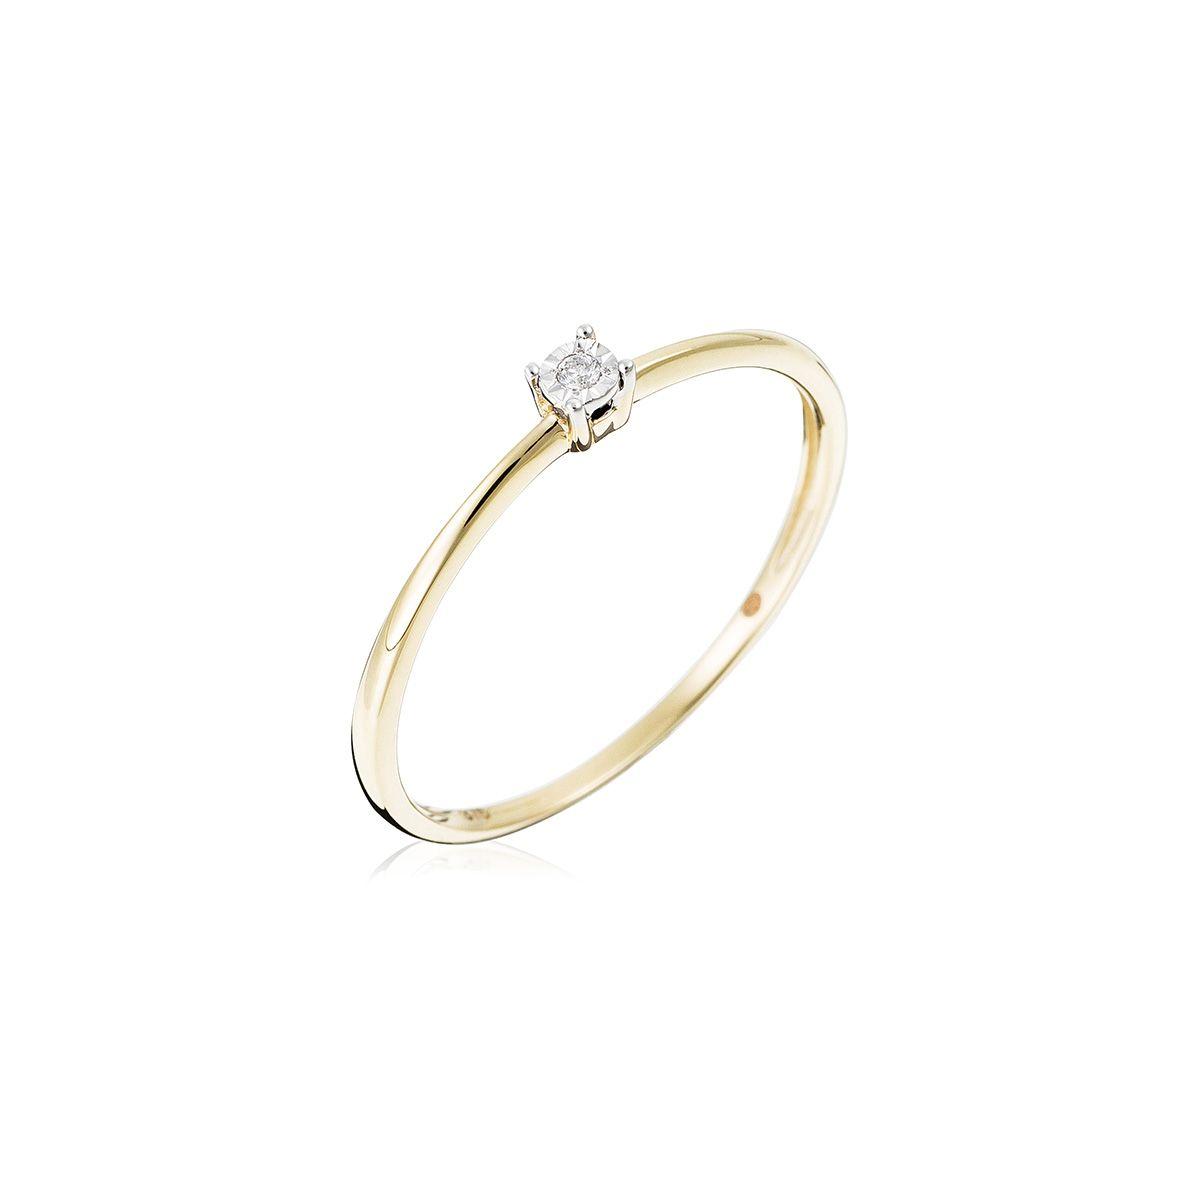 Diamants0 Bague Jaune Or Solitaire Pure 01ct1lediamantaire wn0OPk8